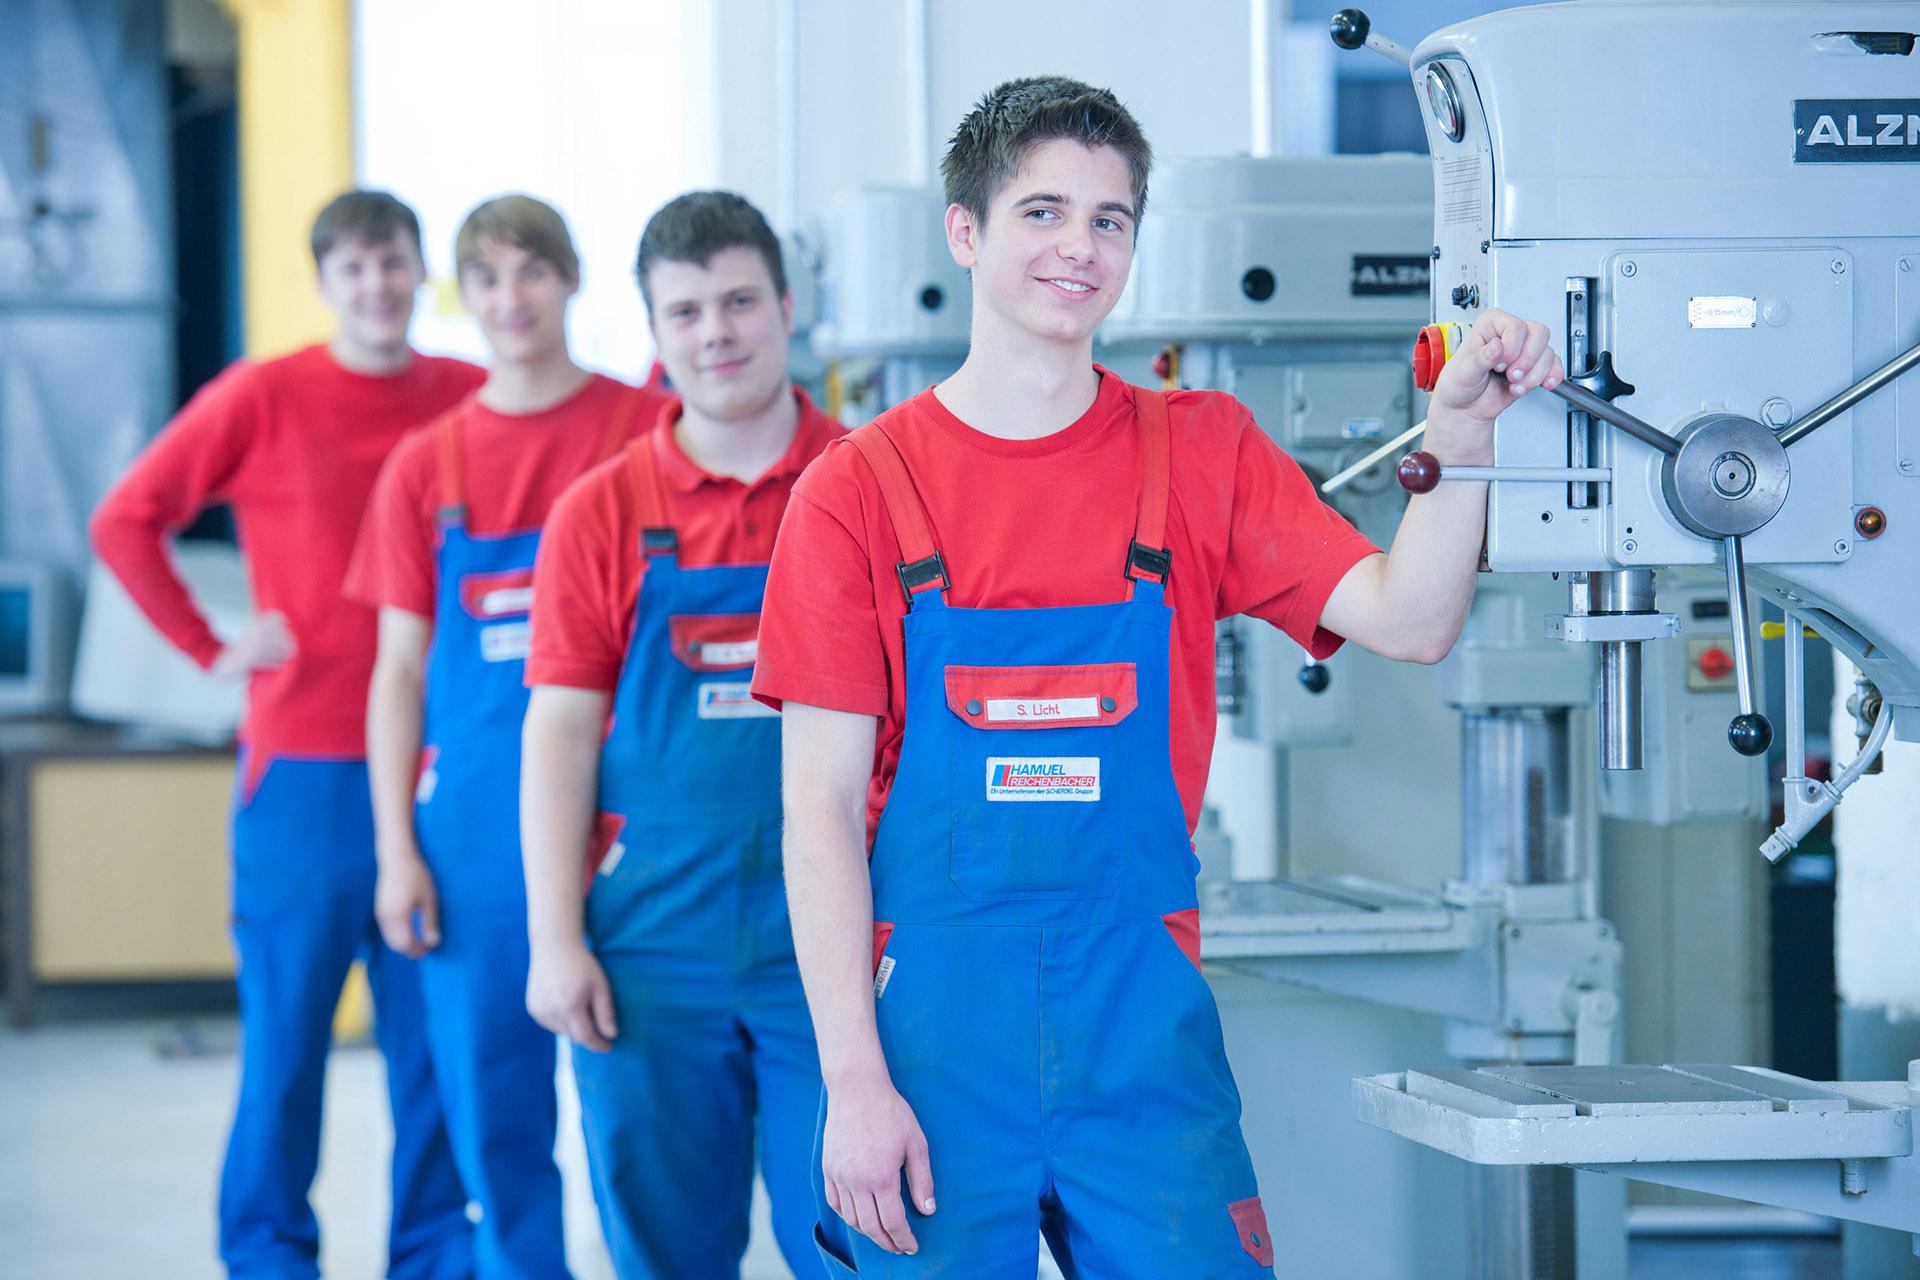 Industriefotografie Auszubildende in der Fertigung. Feigfotodesign